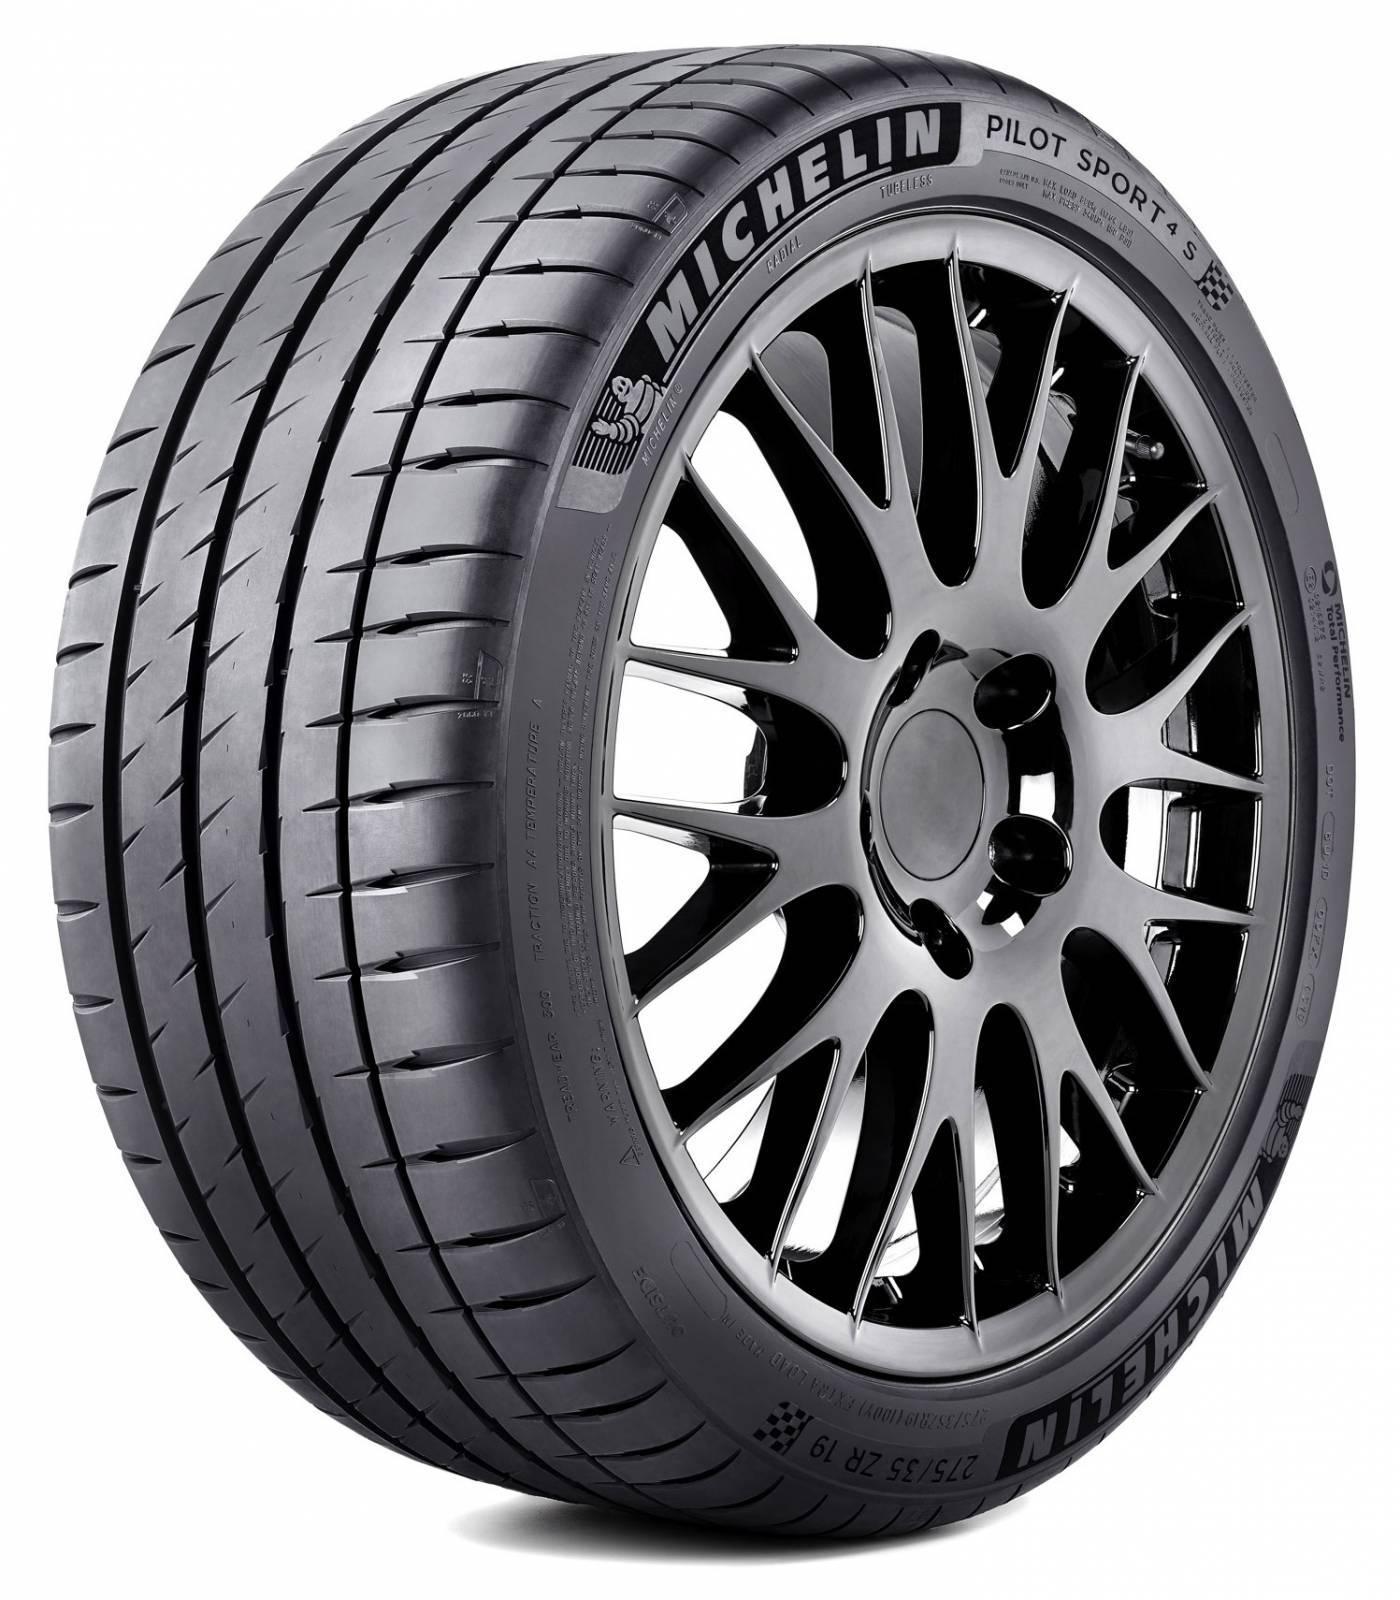 Pneu Michelin Pilot Sport 4 S 275/40 R19 105Y - ATS Pneus